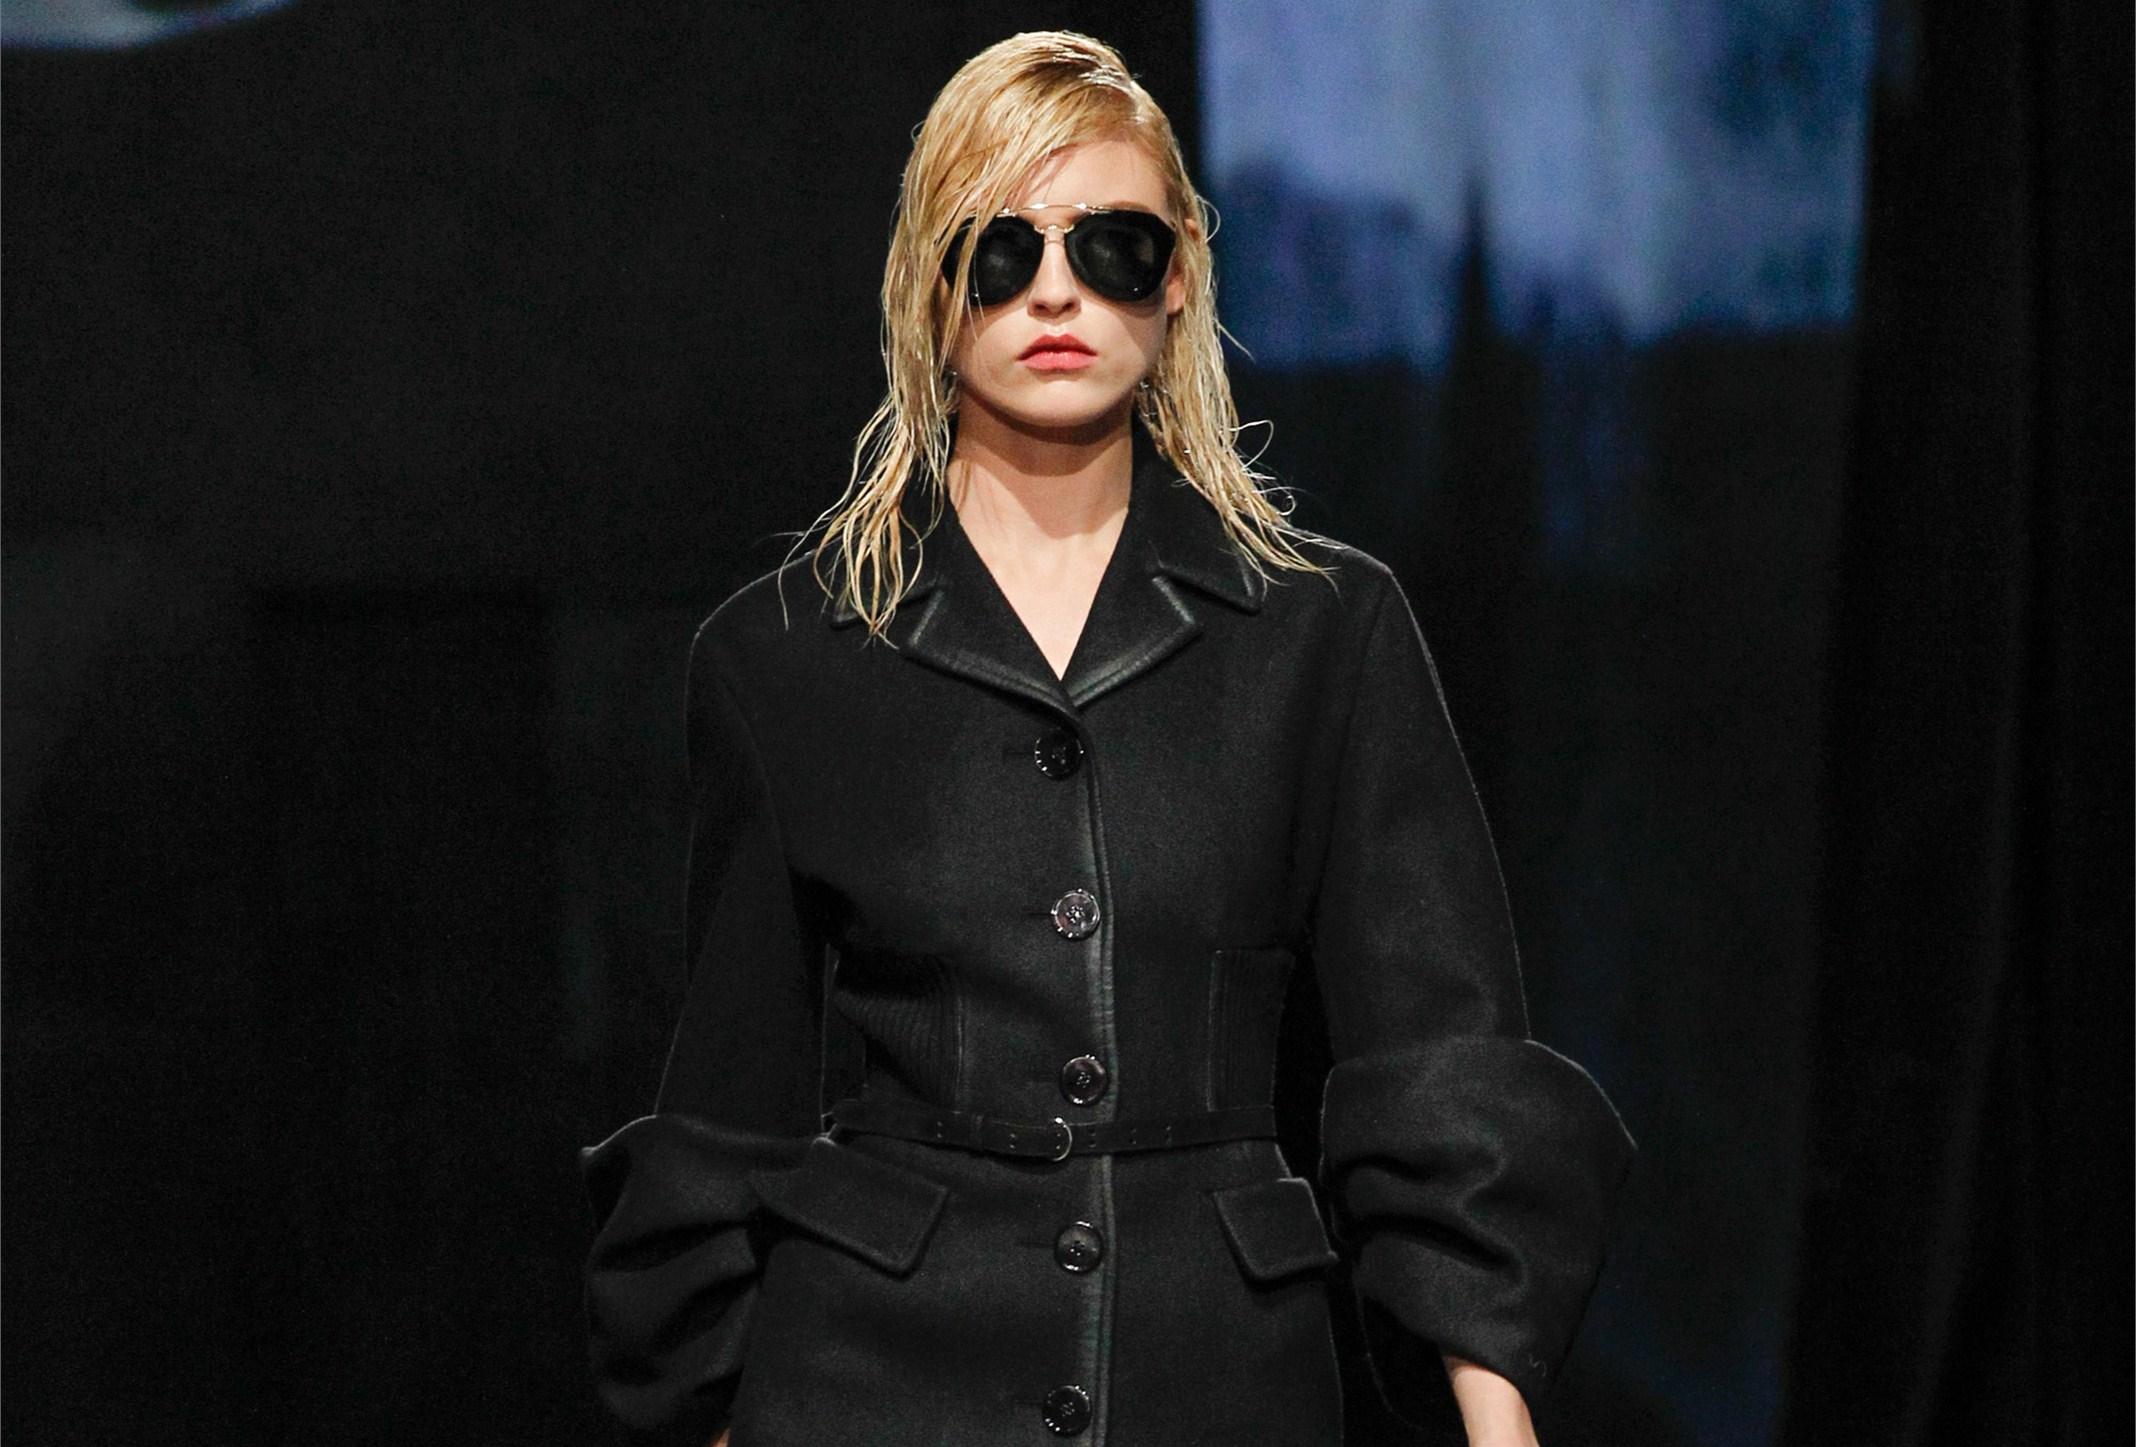 Prada collezione Autunno/Inverno 2013-14: la moda è cruda